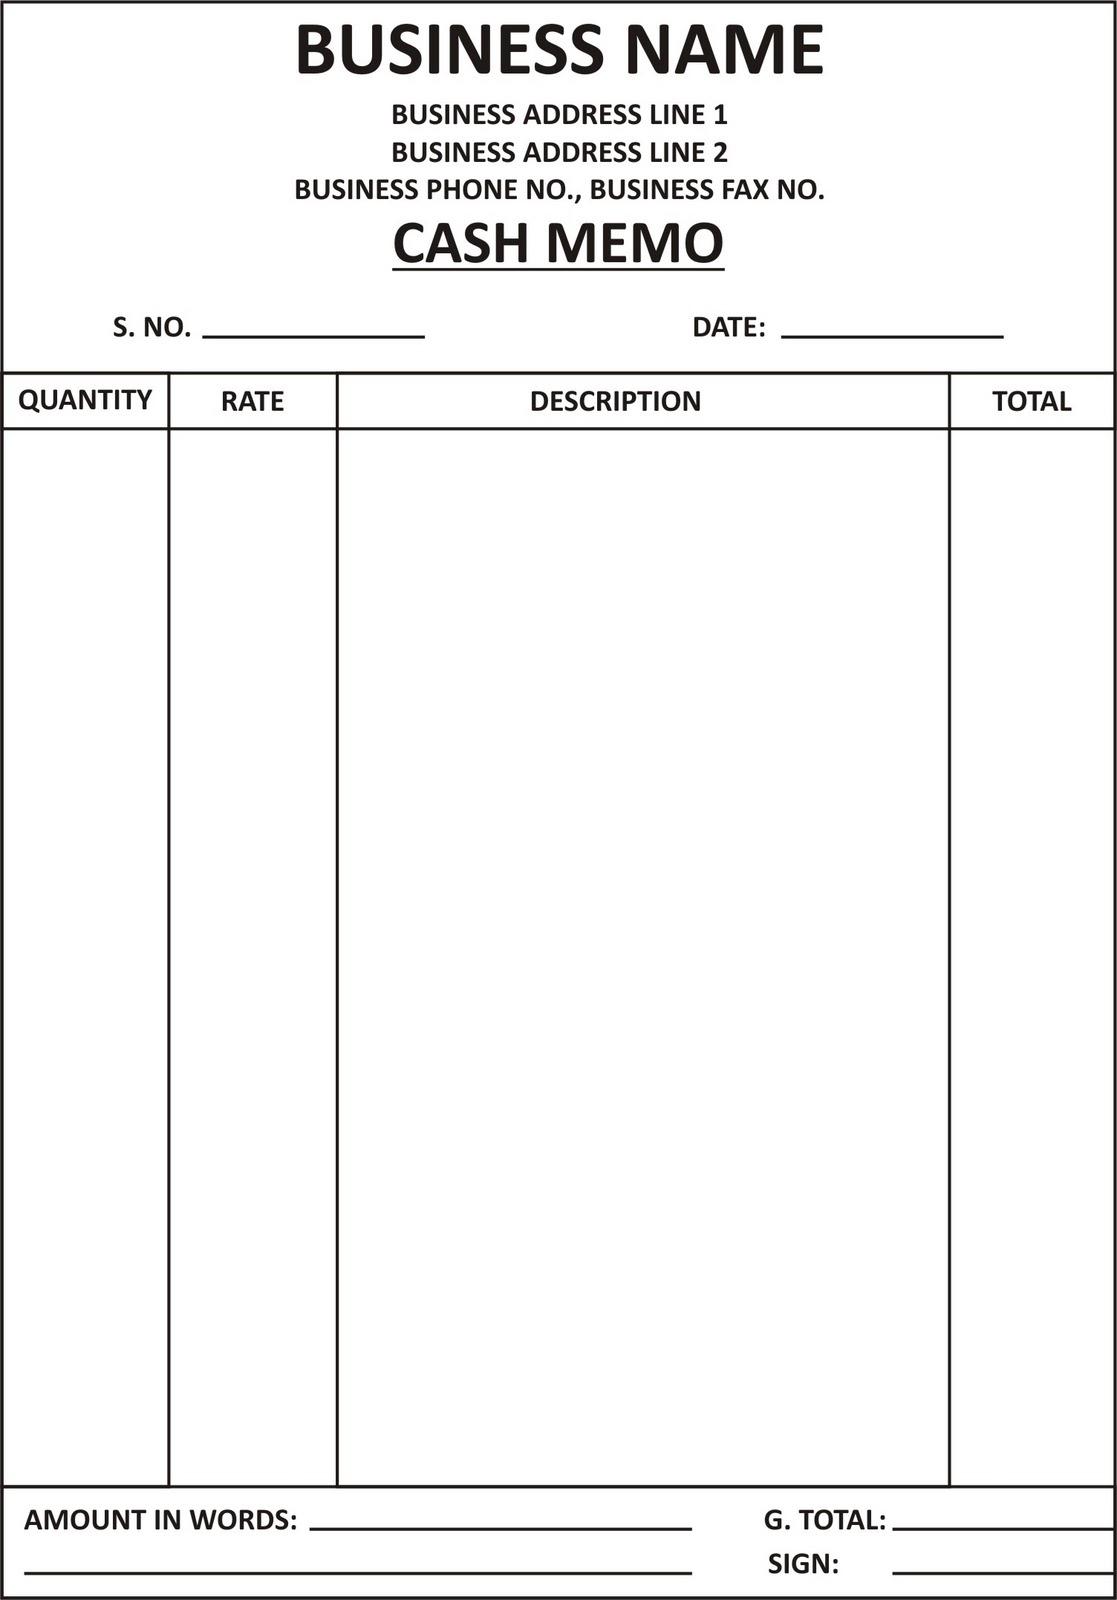 Tax Memo Template tax research memo cash memo format general – Memo Templates Word